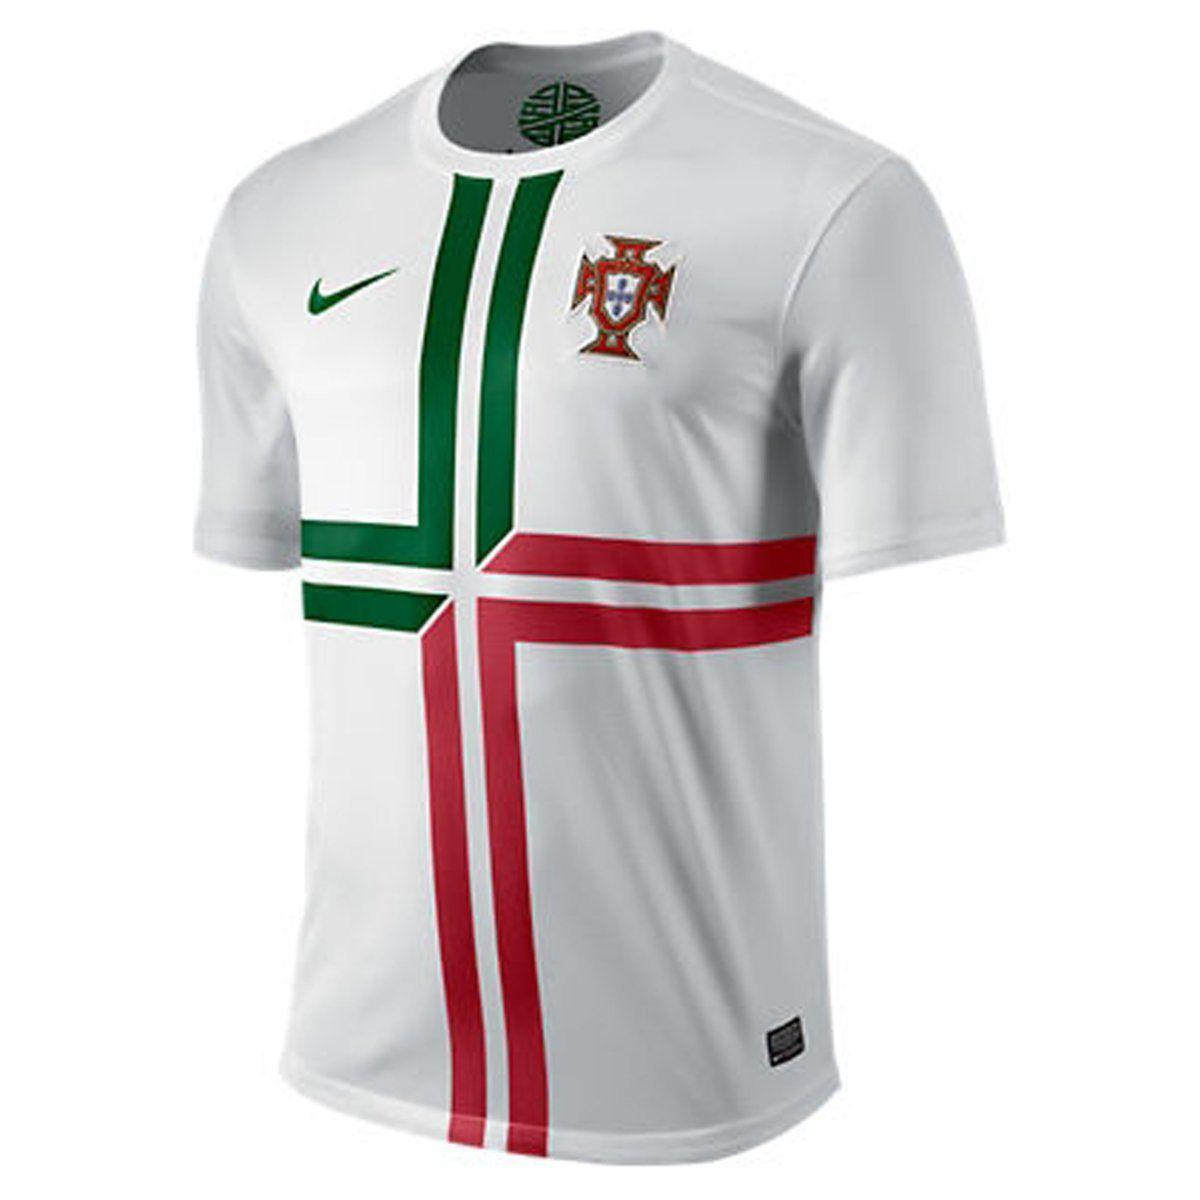 a91113d0d0 Camisola da Selecção Portuguesa da Nike para homem